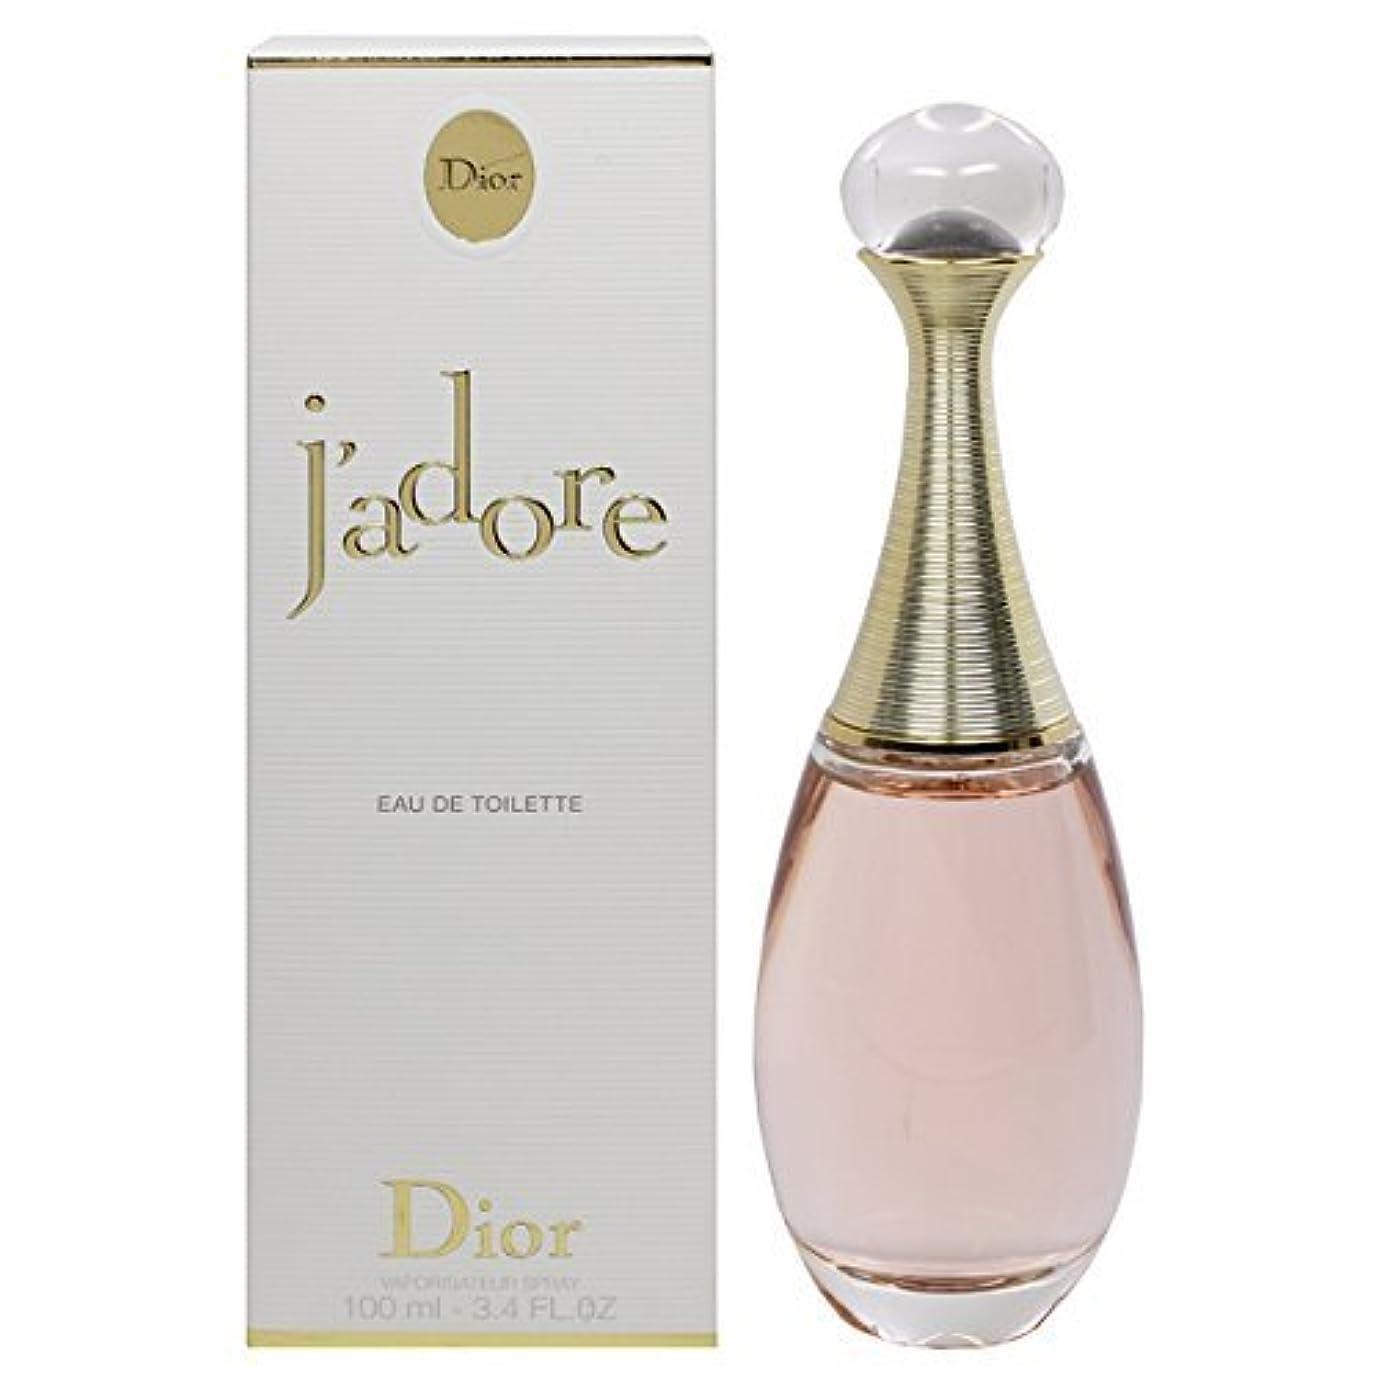 書道気分安西クリスチャン ディオール(Christian Dior) ジャドール オー ルミエール EDT SP 100ml[並行輸入品]